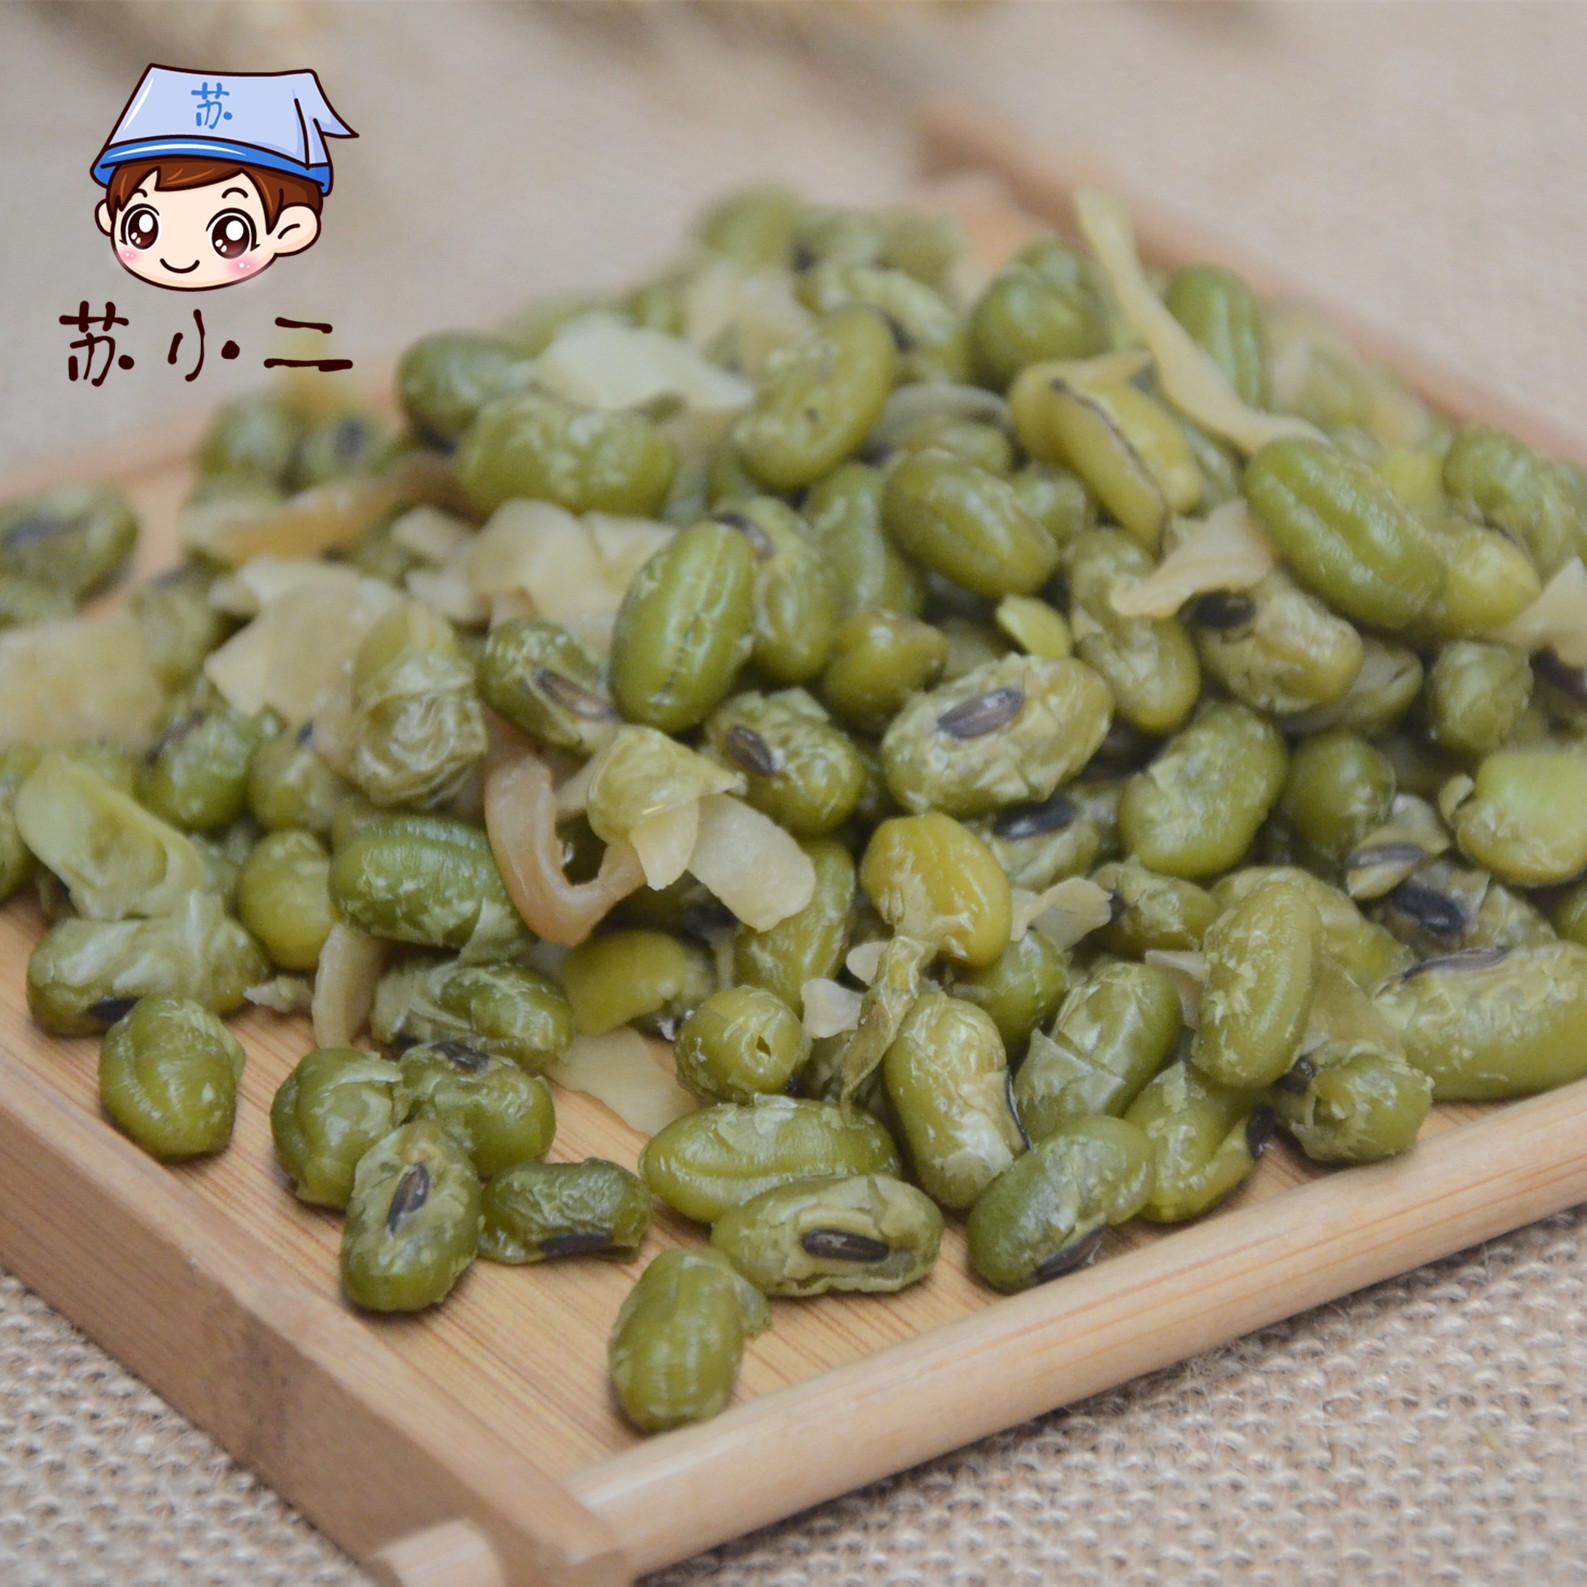 临安特产 笋干毛豆 笋丝青豆 五香青豆笋丝散装16.8元500g